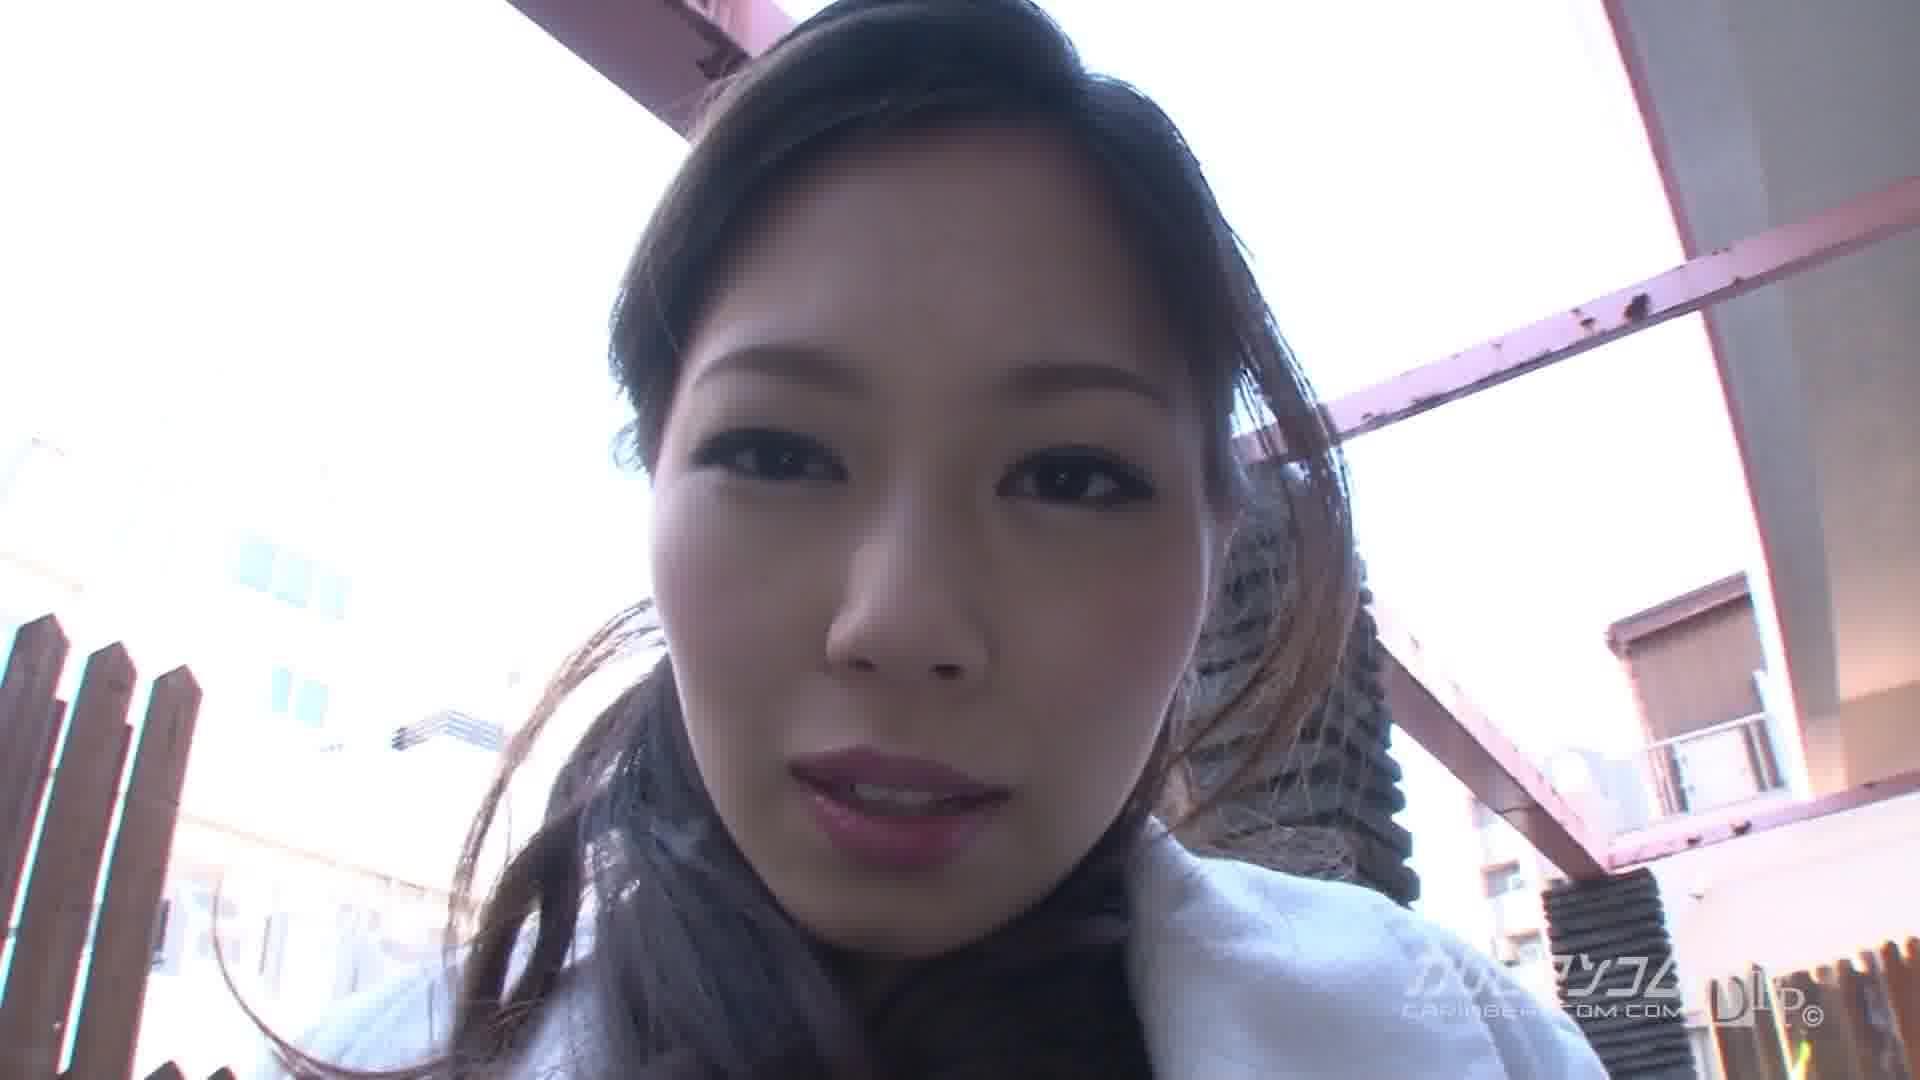 興奮誘う羞恥露出プレイ - 吉村美咲【オナニー・露出・スレンダー】